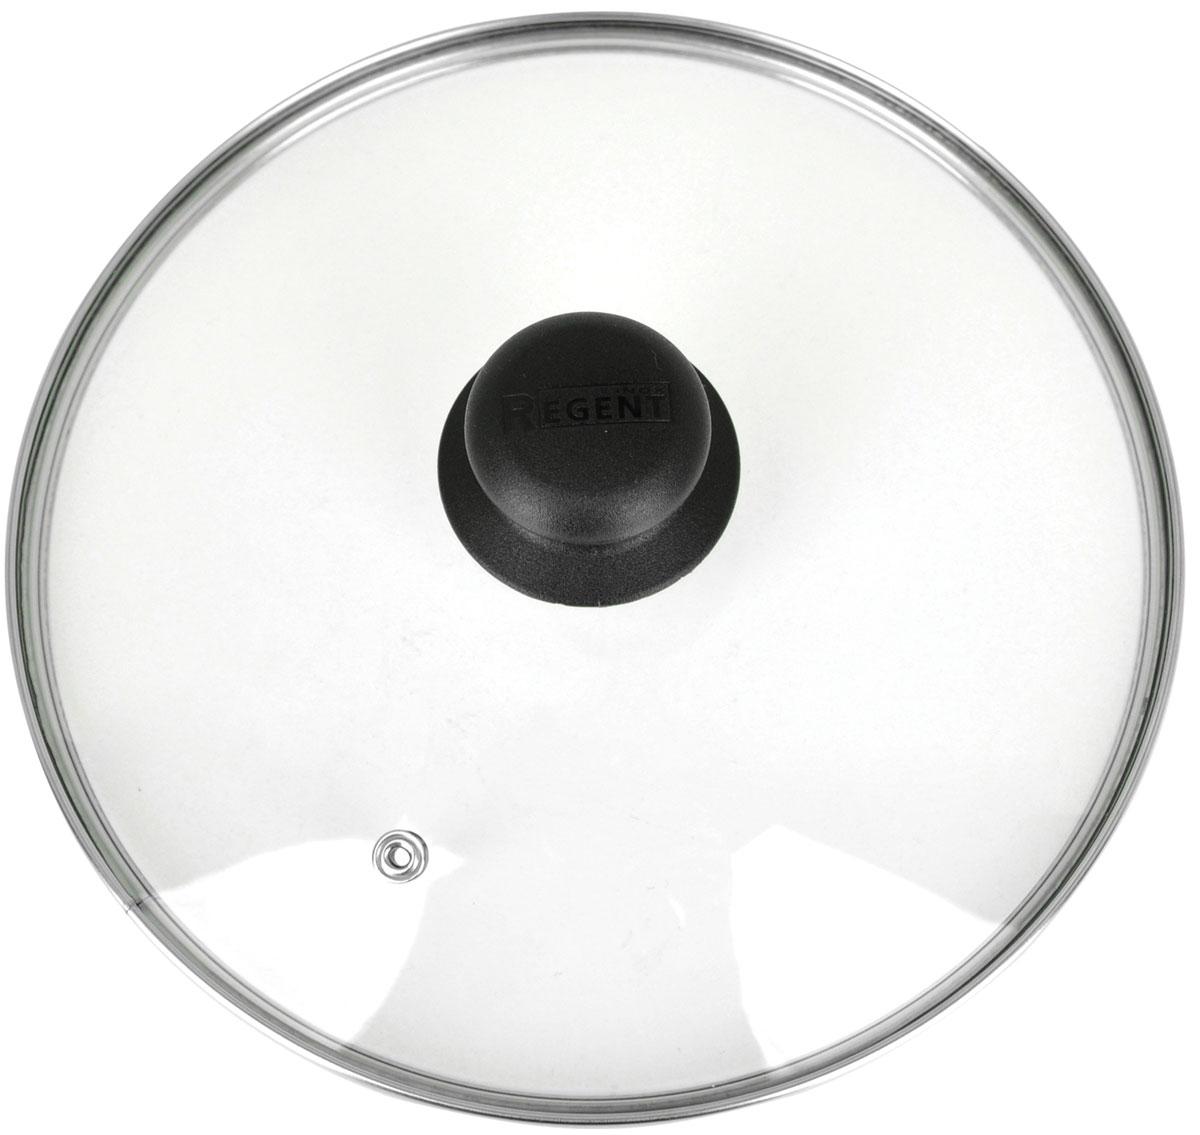 Крышка Regent Inox, стеклянная. Диаметр 28 см619022Крышка Regent Inox изготовлена из термостойкого стекла. Обод, выполненный из высококачественной нержавеющей стали, защищает крышку от повреждений, а ручка, выполненная из термостойкого пластика, защищает ваши руки от высоких температур. Крышка удобна в использовании, позволяет контролировать процесс приготовления пищи. Имеется отверстие для выпуска пара. Характеристики:Материал: стекло, нержавеющая сталь, пластик. Диаметр: 28 см. Размер упаковки: 28 см х 28 см х 6 см. Производитель:Италия. Артикул: 28.